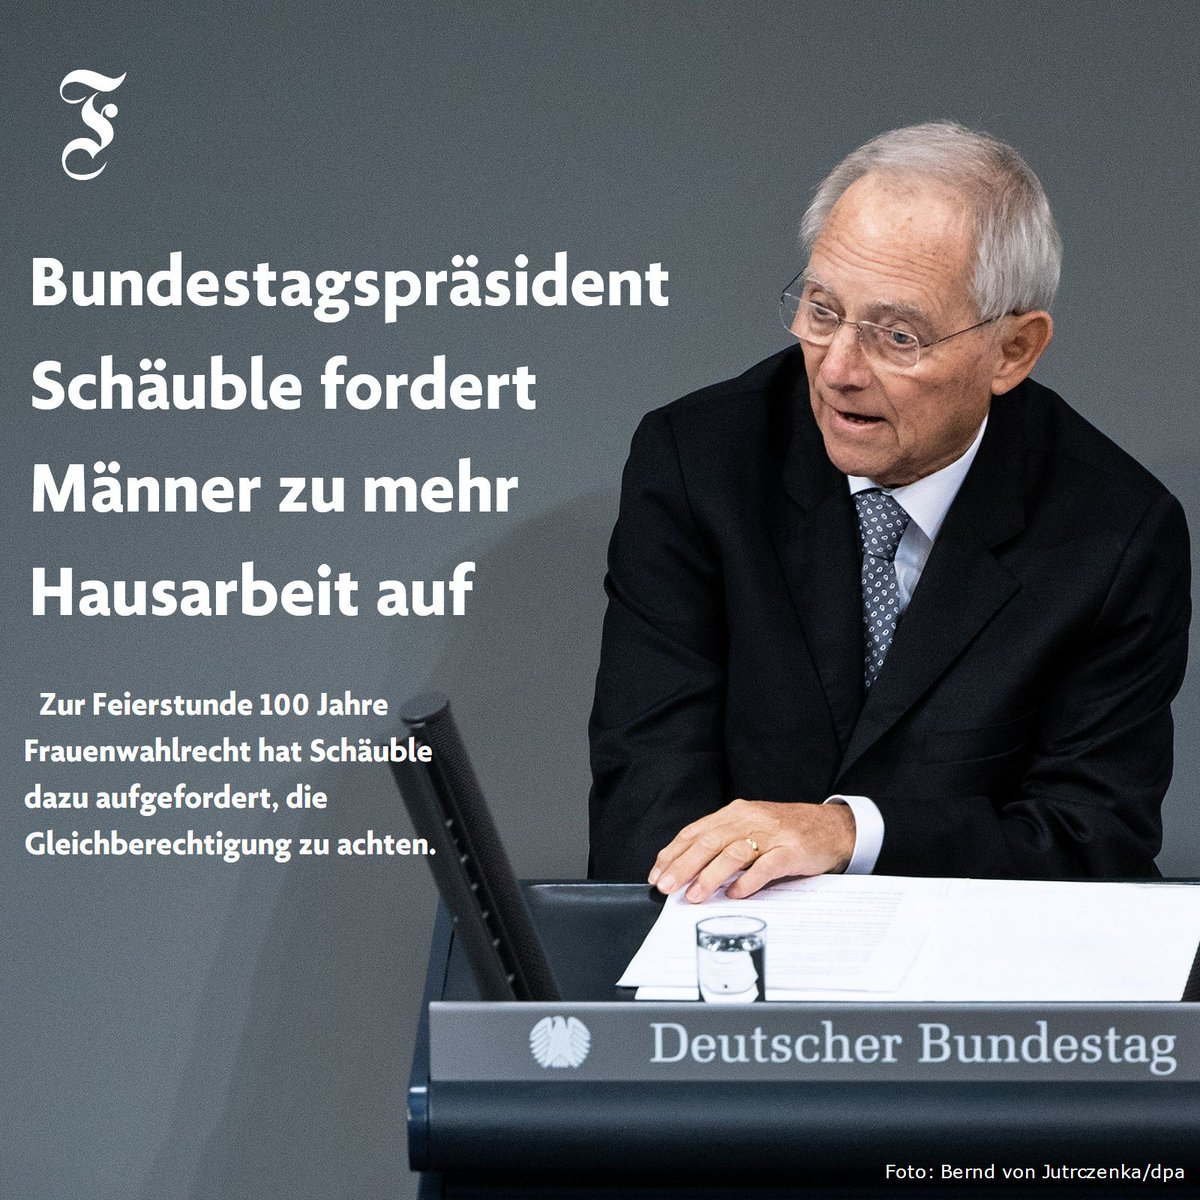 Seit 100 Jahren dürfen Frauen in #Deutschland wählen. Wolfgang #Schäuble mahnt, dass viele unbezahlte Tätigkeiten auch heute noch an ihnen hängenbleiben. #100JahreFrauenwahlrecht  https://t.co/TraGdpUe2w